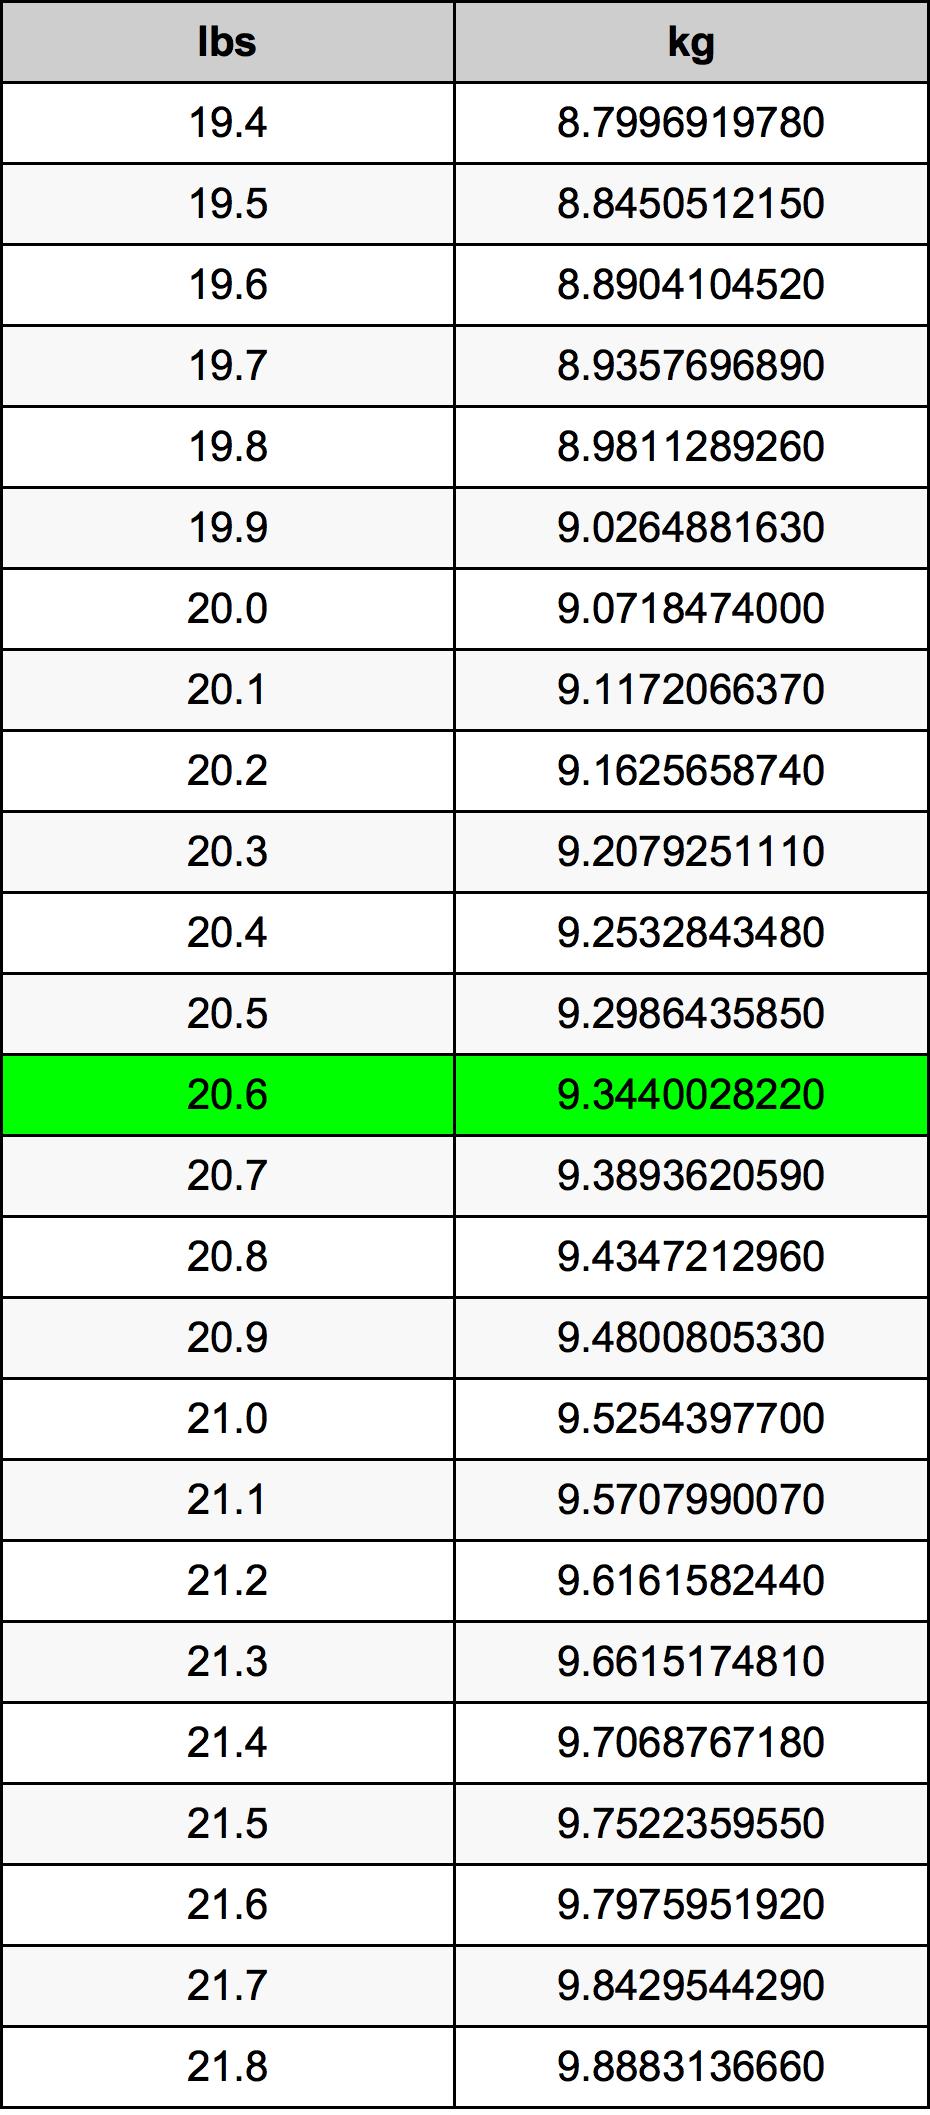 20.6 Libra převodní tabulka